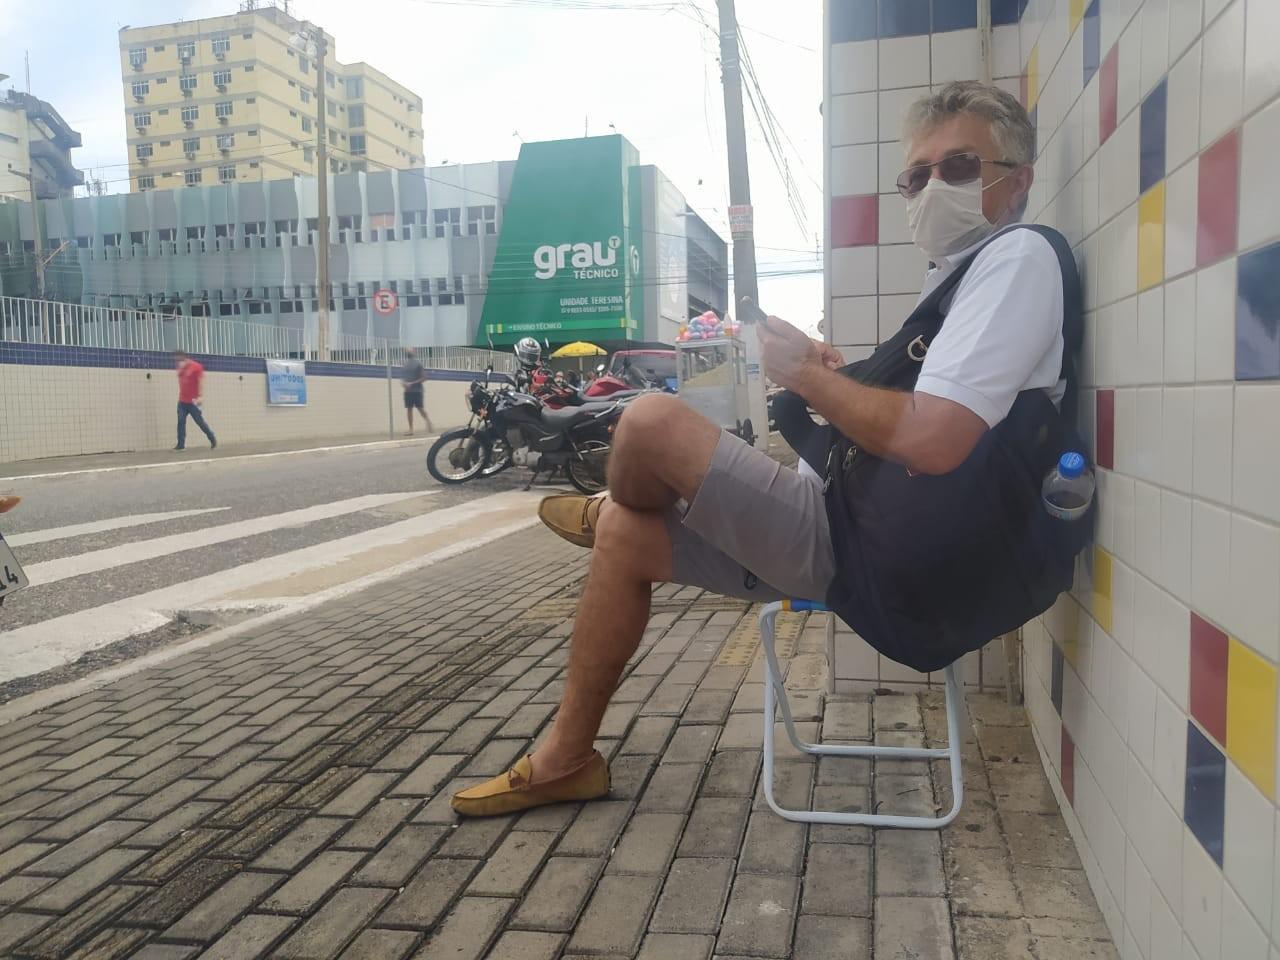 Pai leva banquinho para esperar filho terminar 2° dia de prova do Enem em Teresina